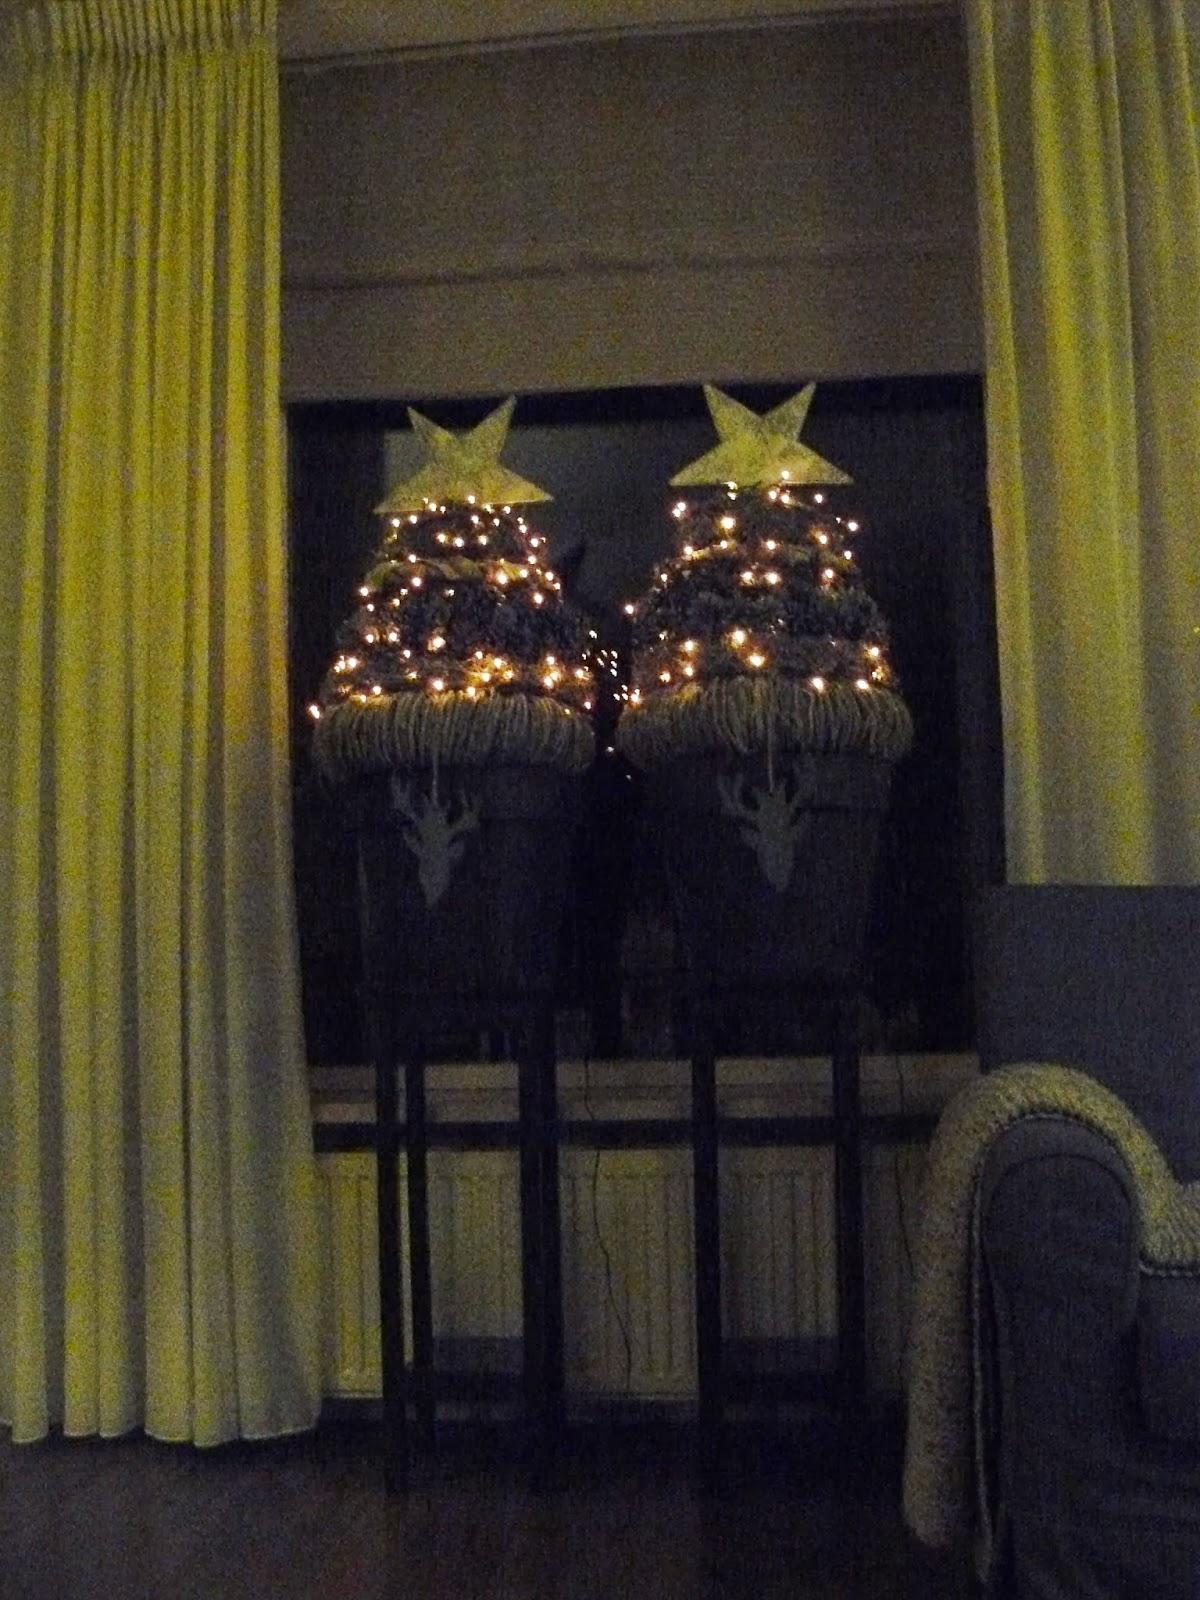 Be-House: Alternatieve Kerstbomen